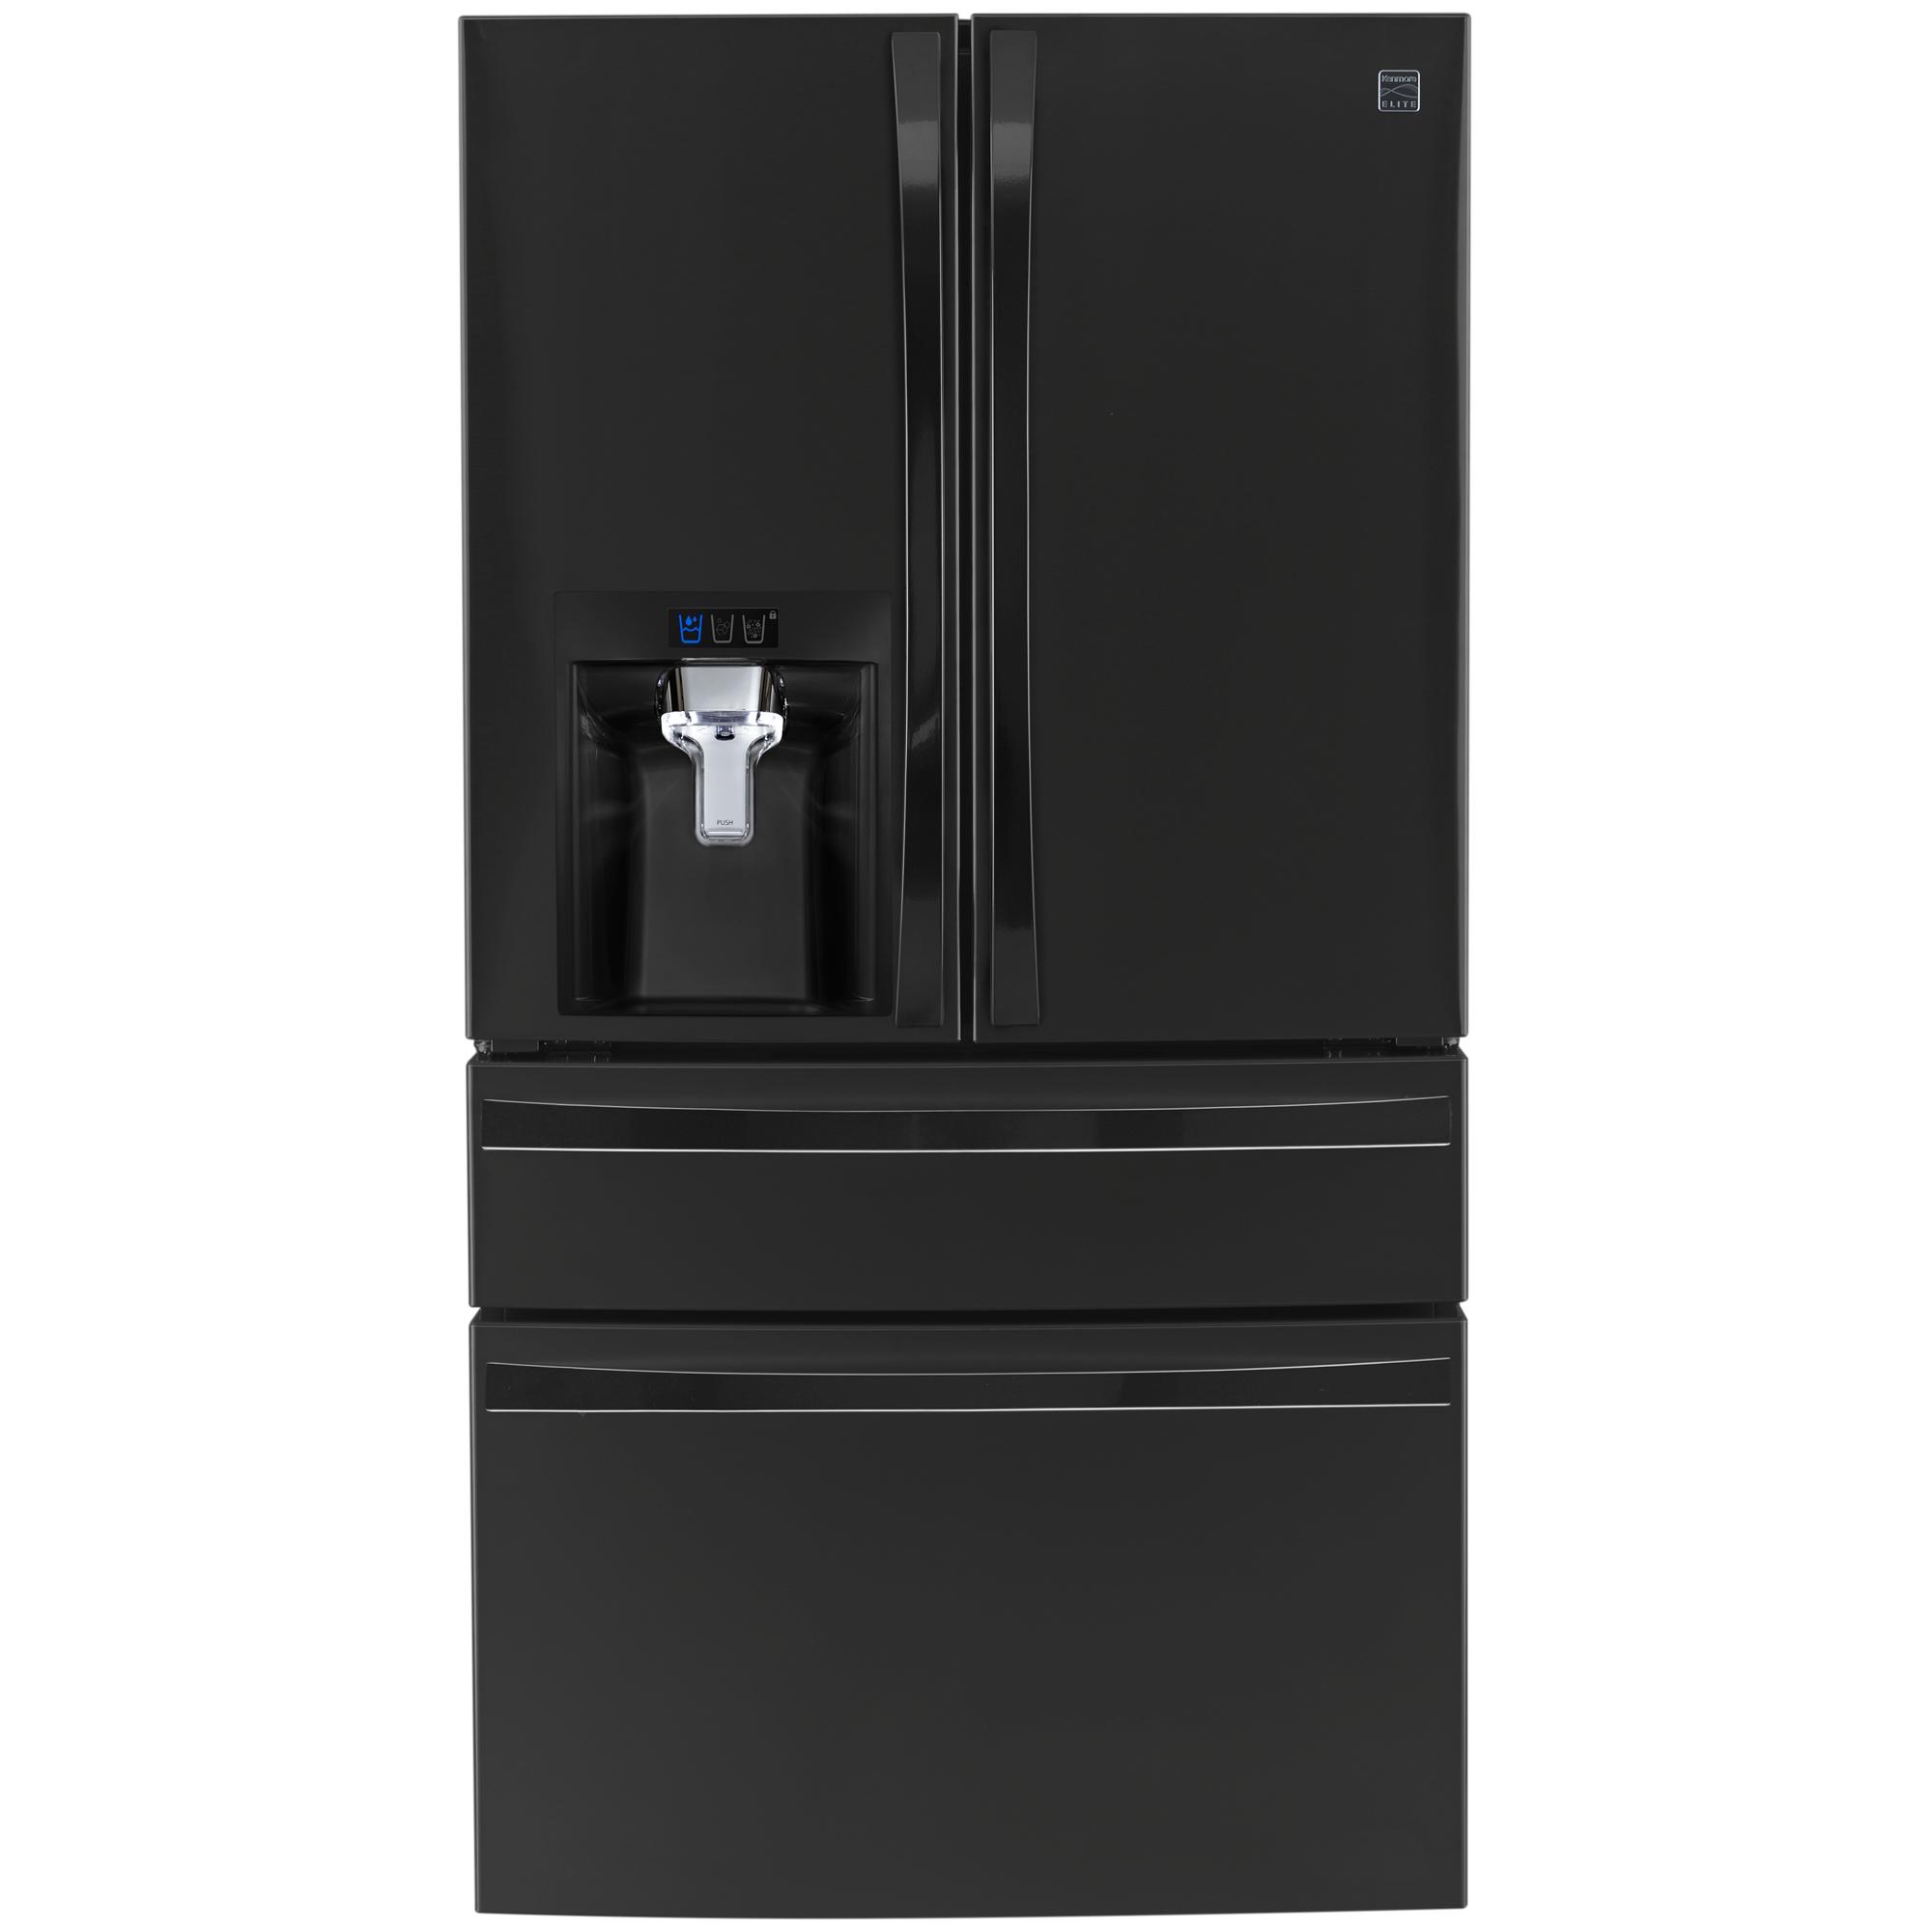 Kenmore Elite 29.9 Cu. Ft. 4-door Bottom-freezer